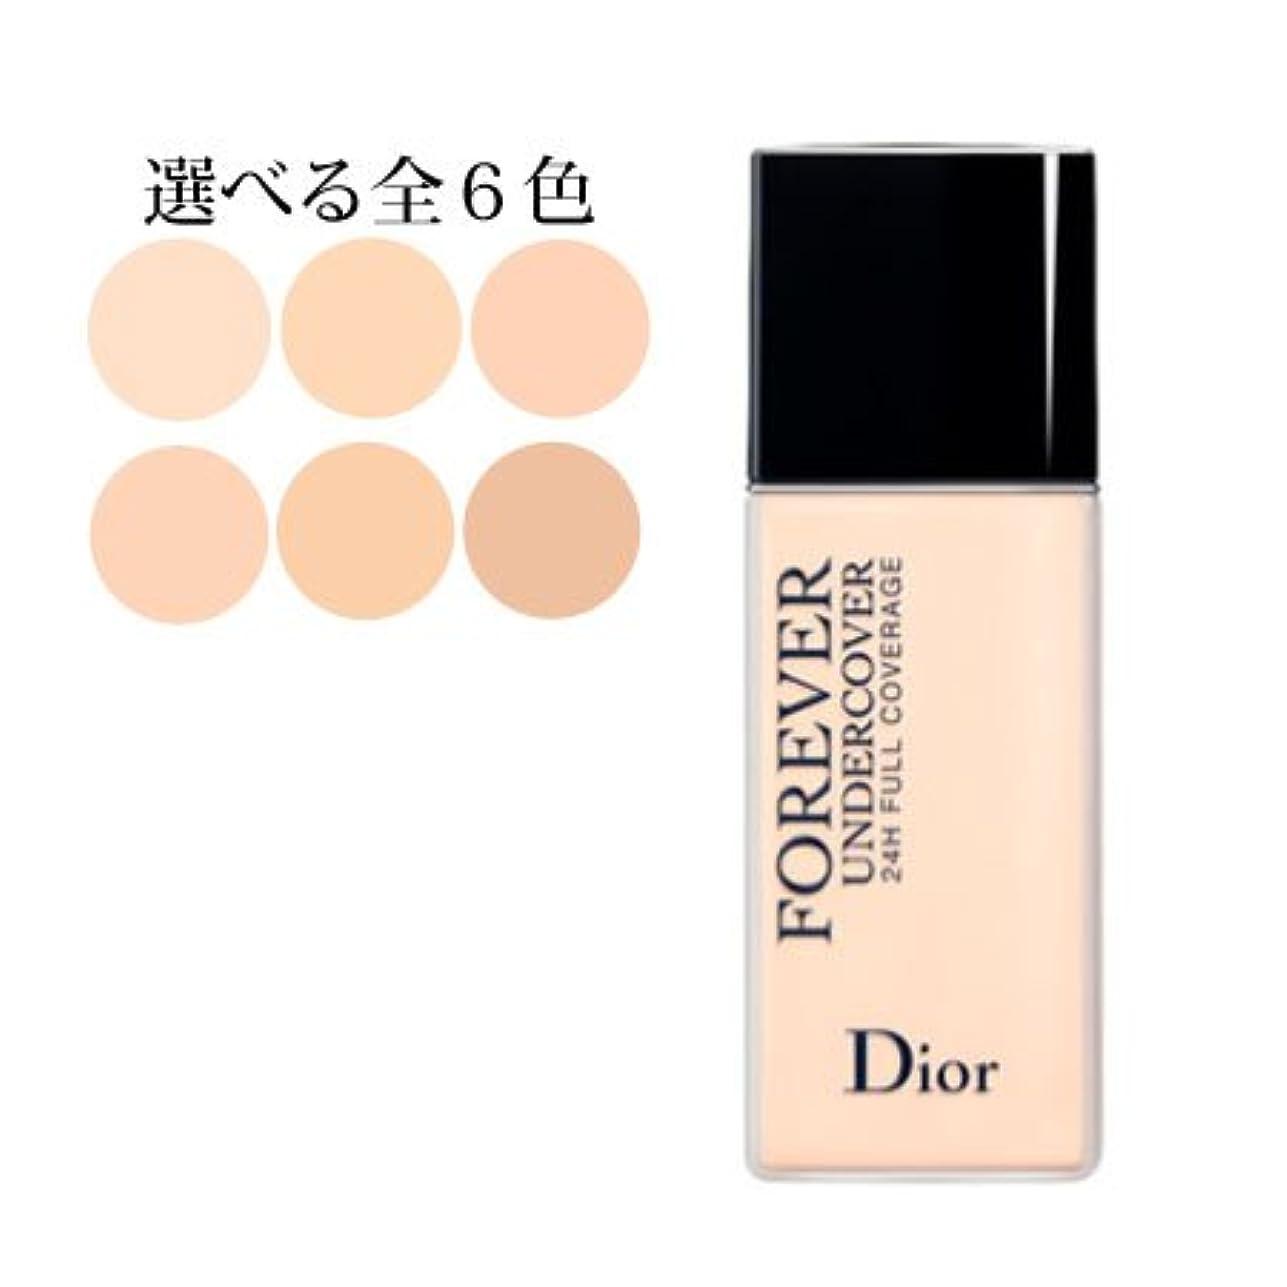 集計収束構成員ディオールスキン フォーエヴァー アンダーカバー 選べる6色 -Dior- 020